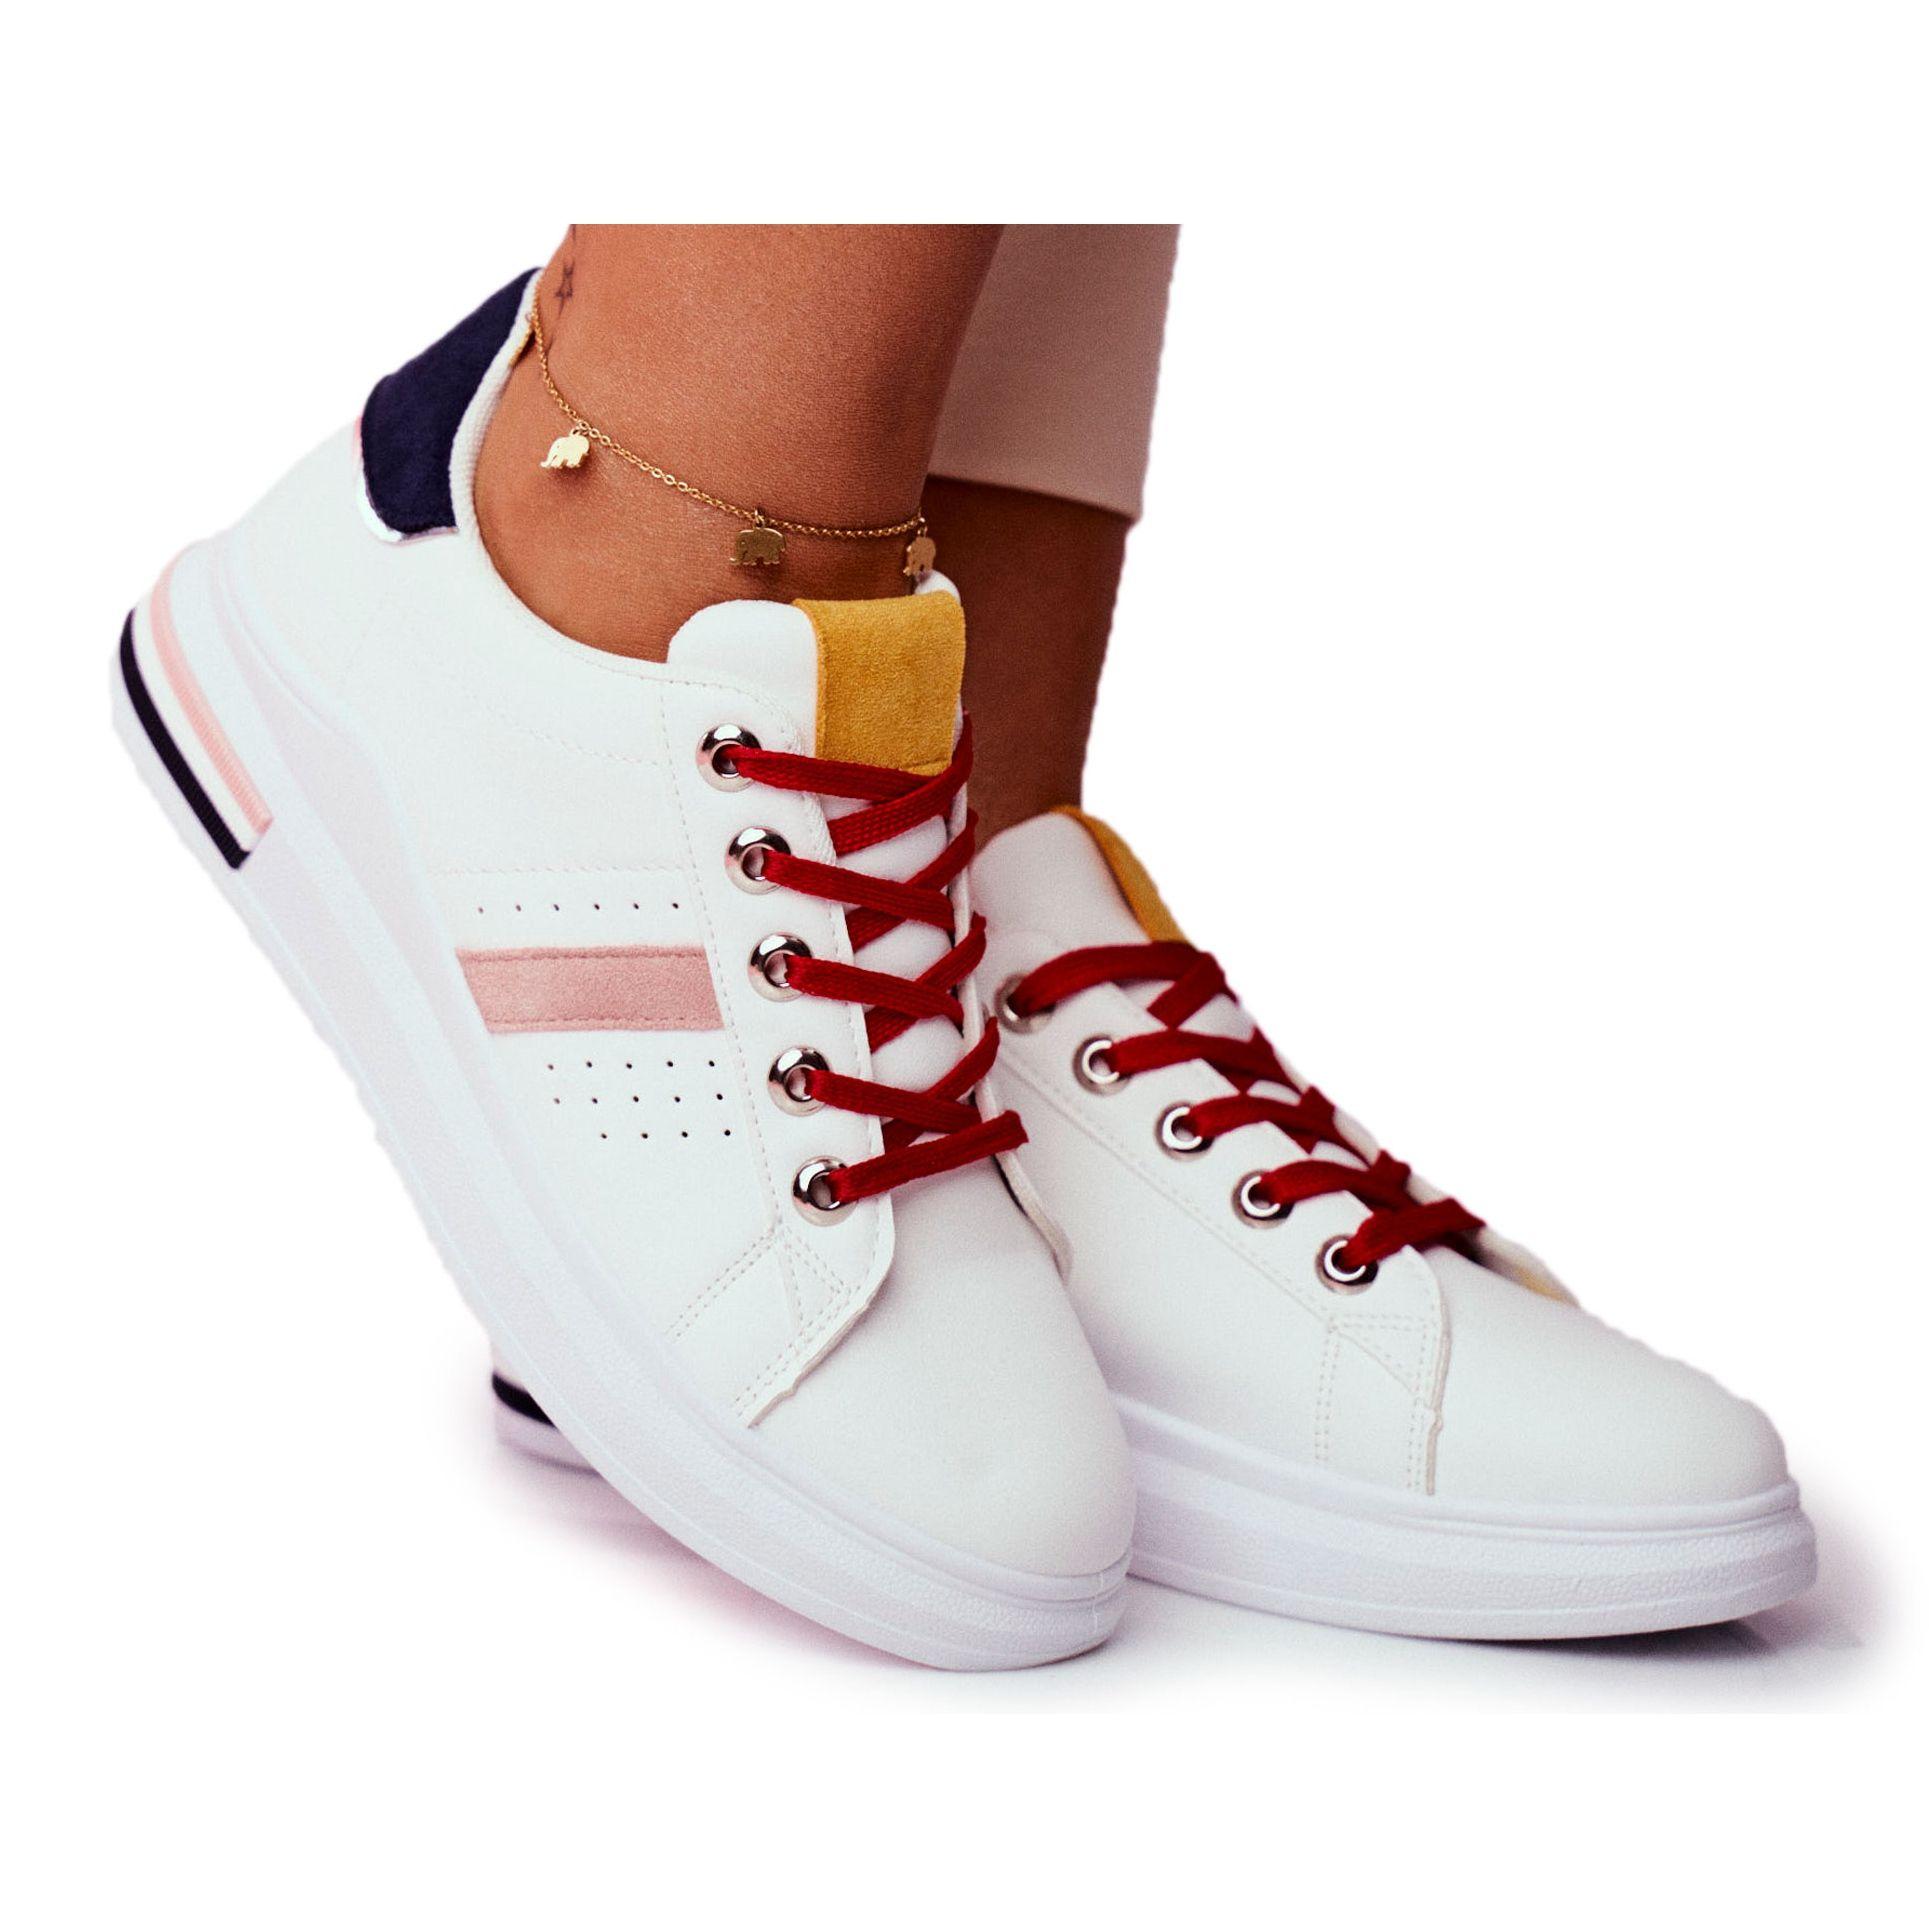 Ps1 Sportowe Damskie Buty Bialo Granatowe Mirra Biale Wielokolorowe High Top Sneakers Wedding Sneaker Shoes